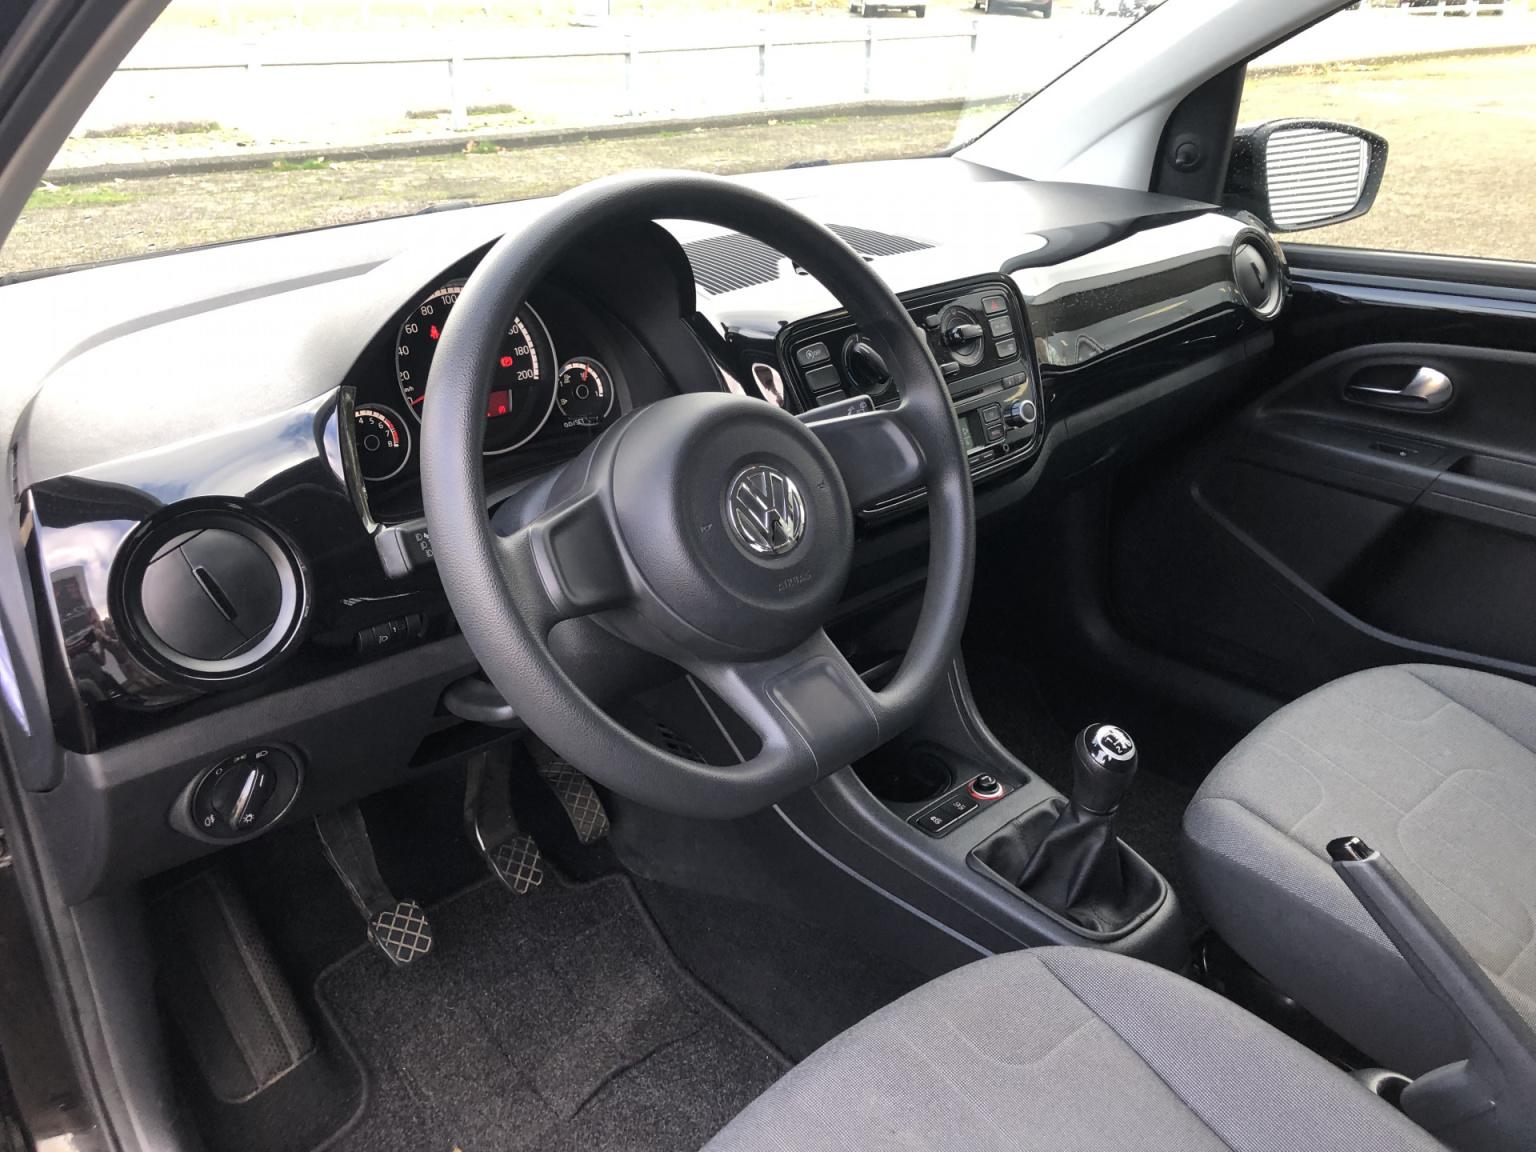 Volkswagen-up!-12